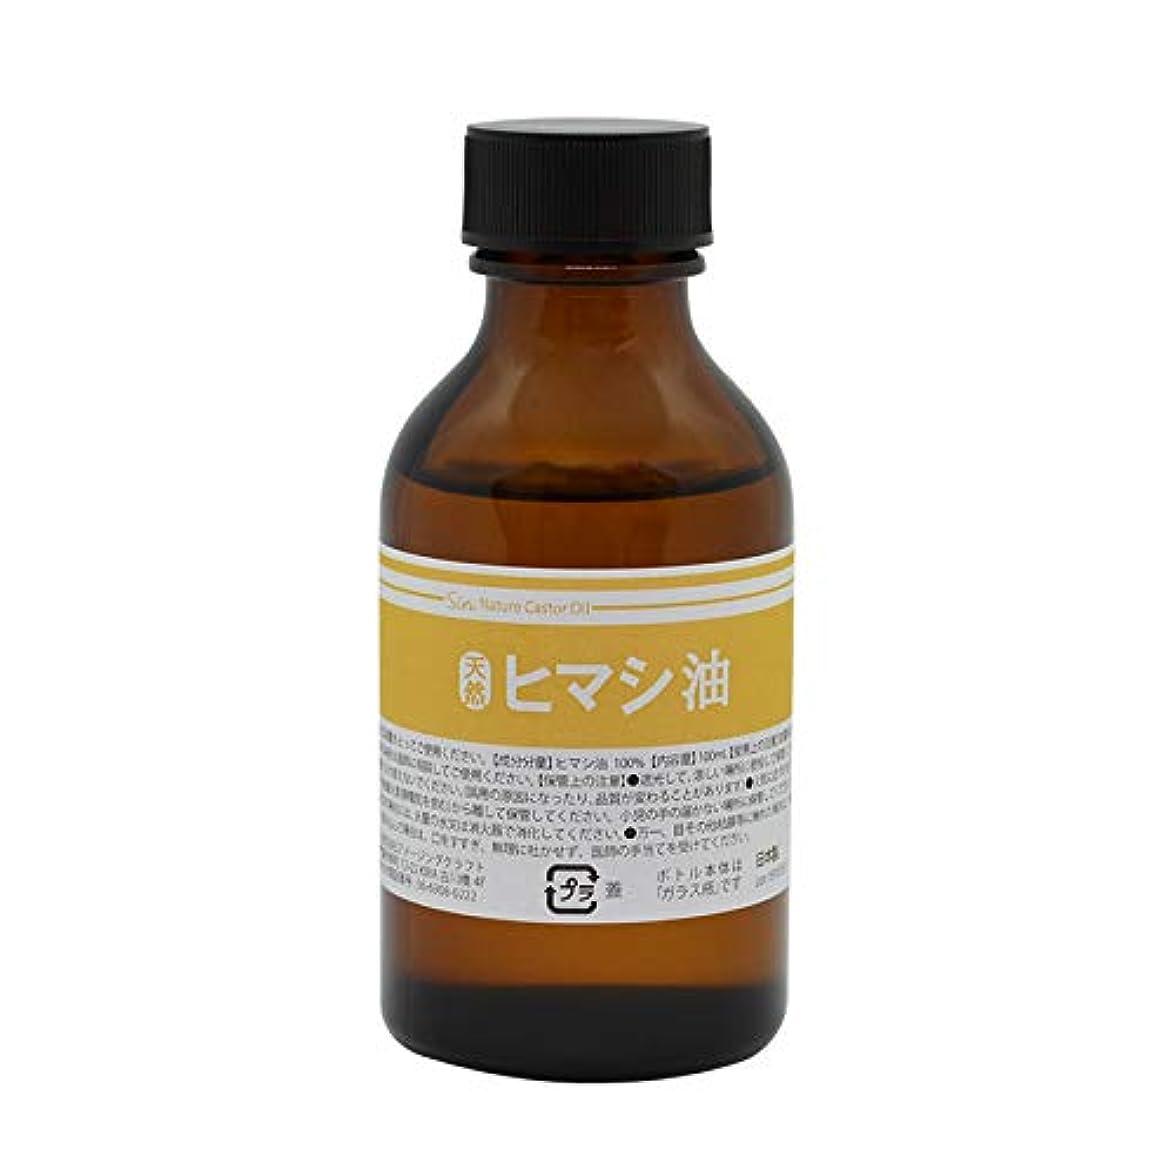 スイング胚ブランク天然無添加 国内精製ひまし油 (キャスターオイル) 100ml